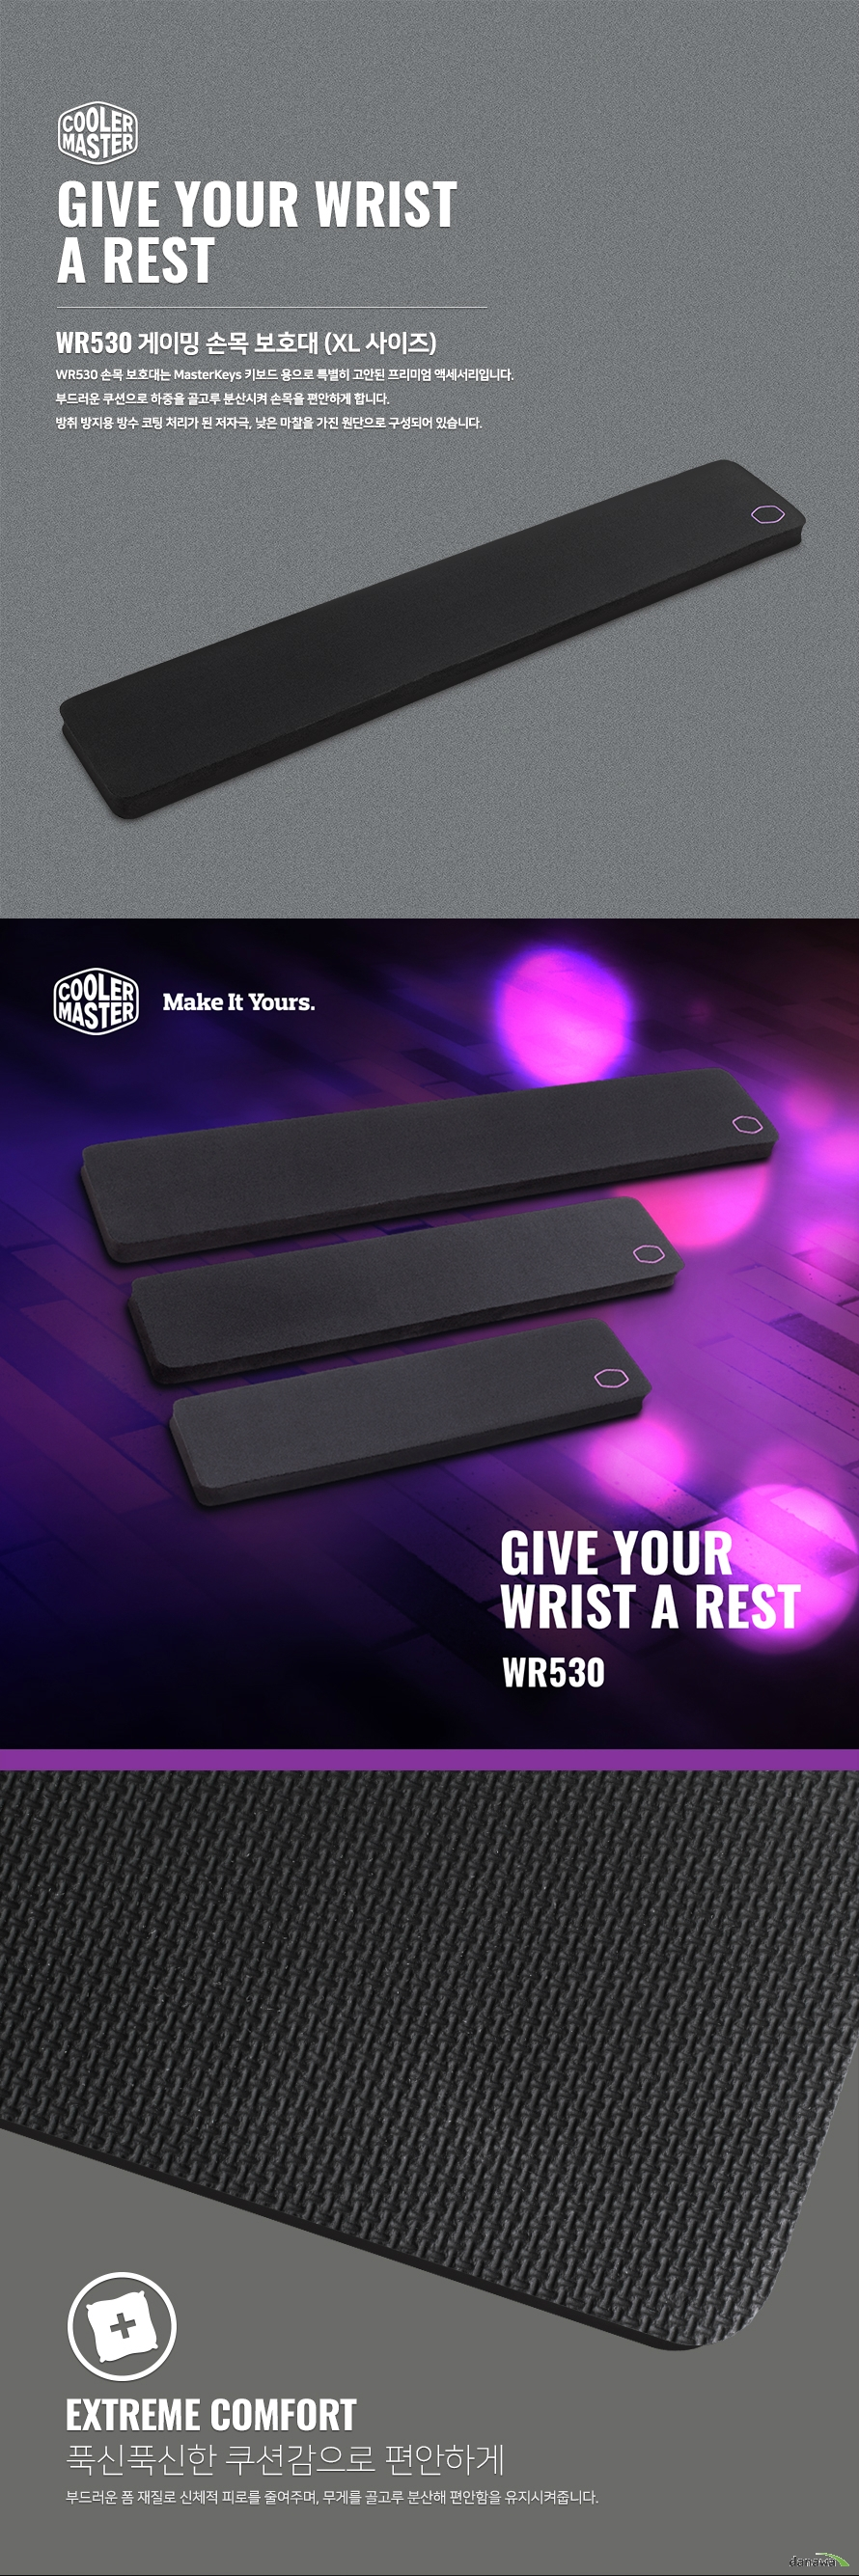 쿨러마스터  Soft wrist rest WR530 XL 손목받침대